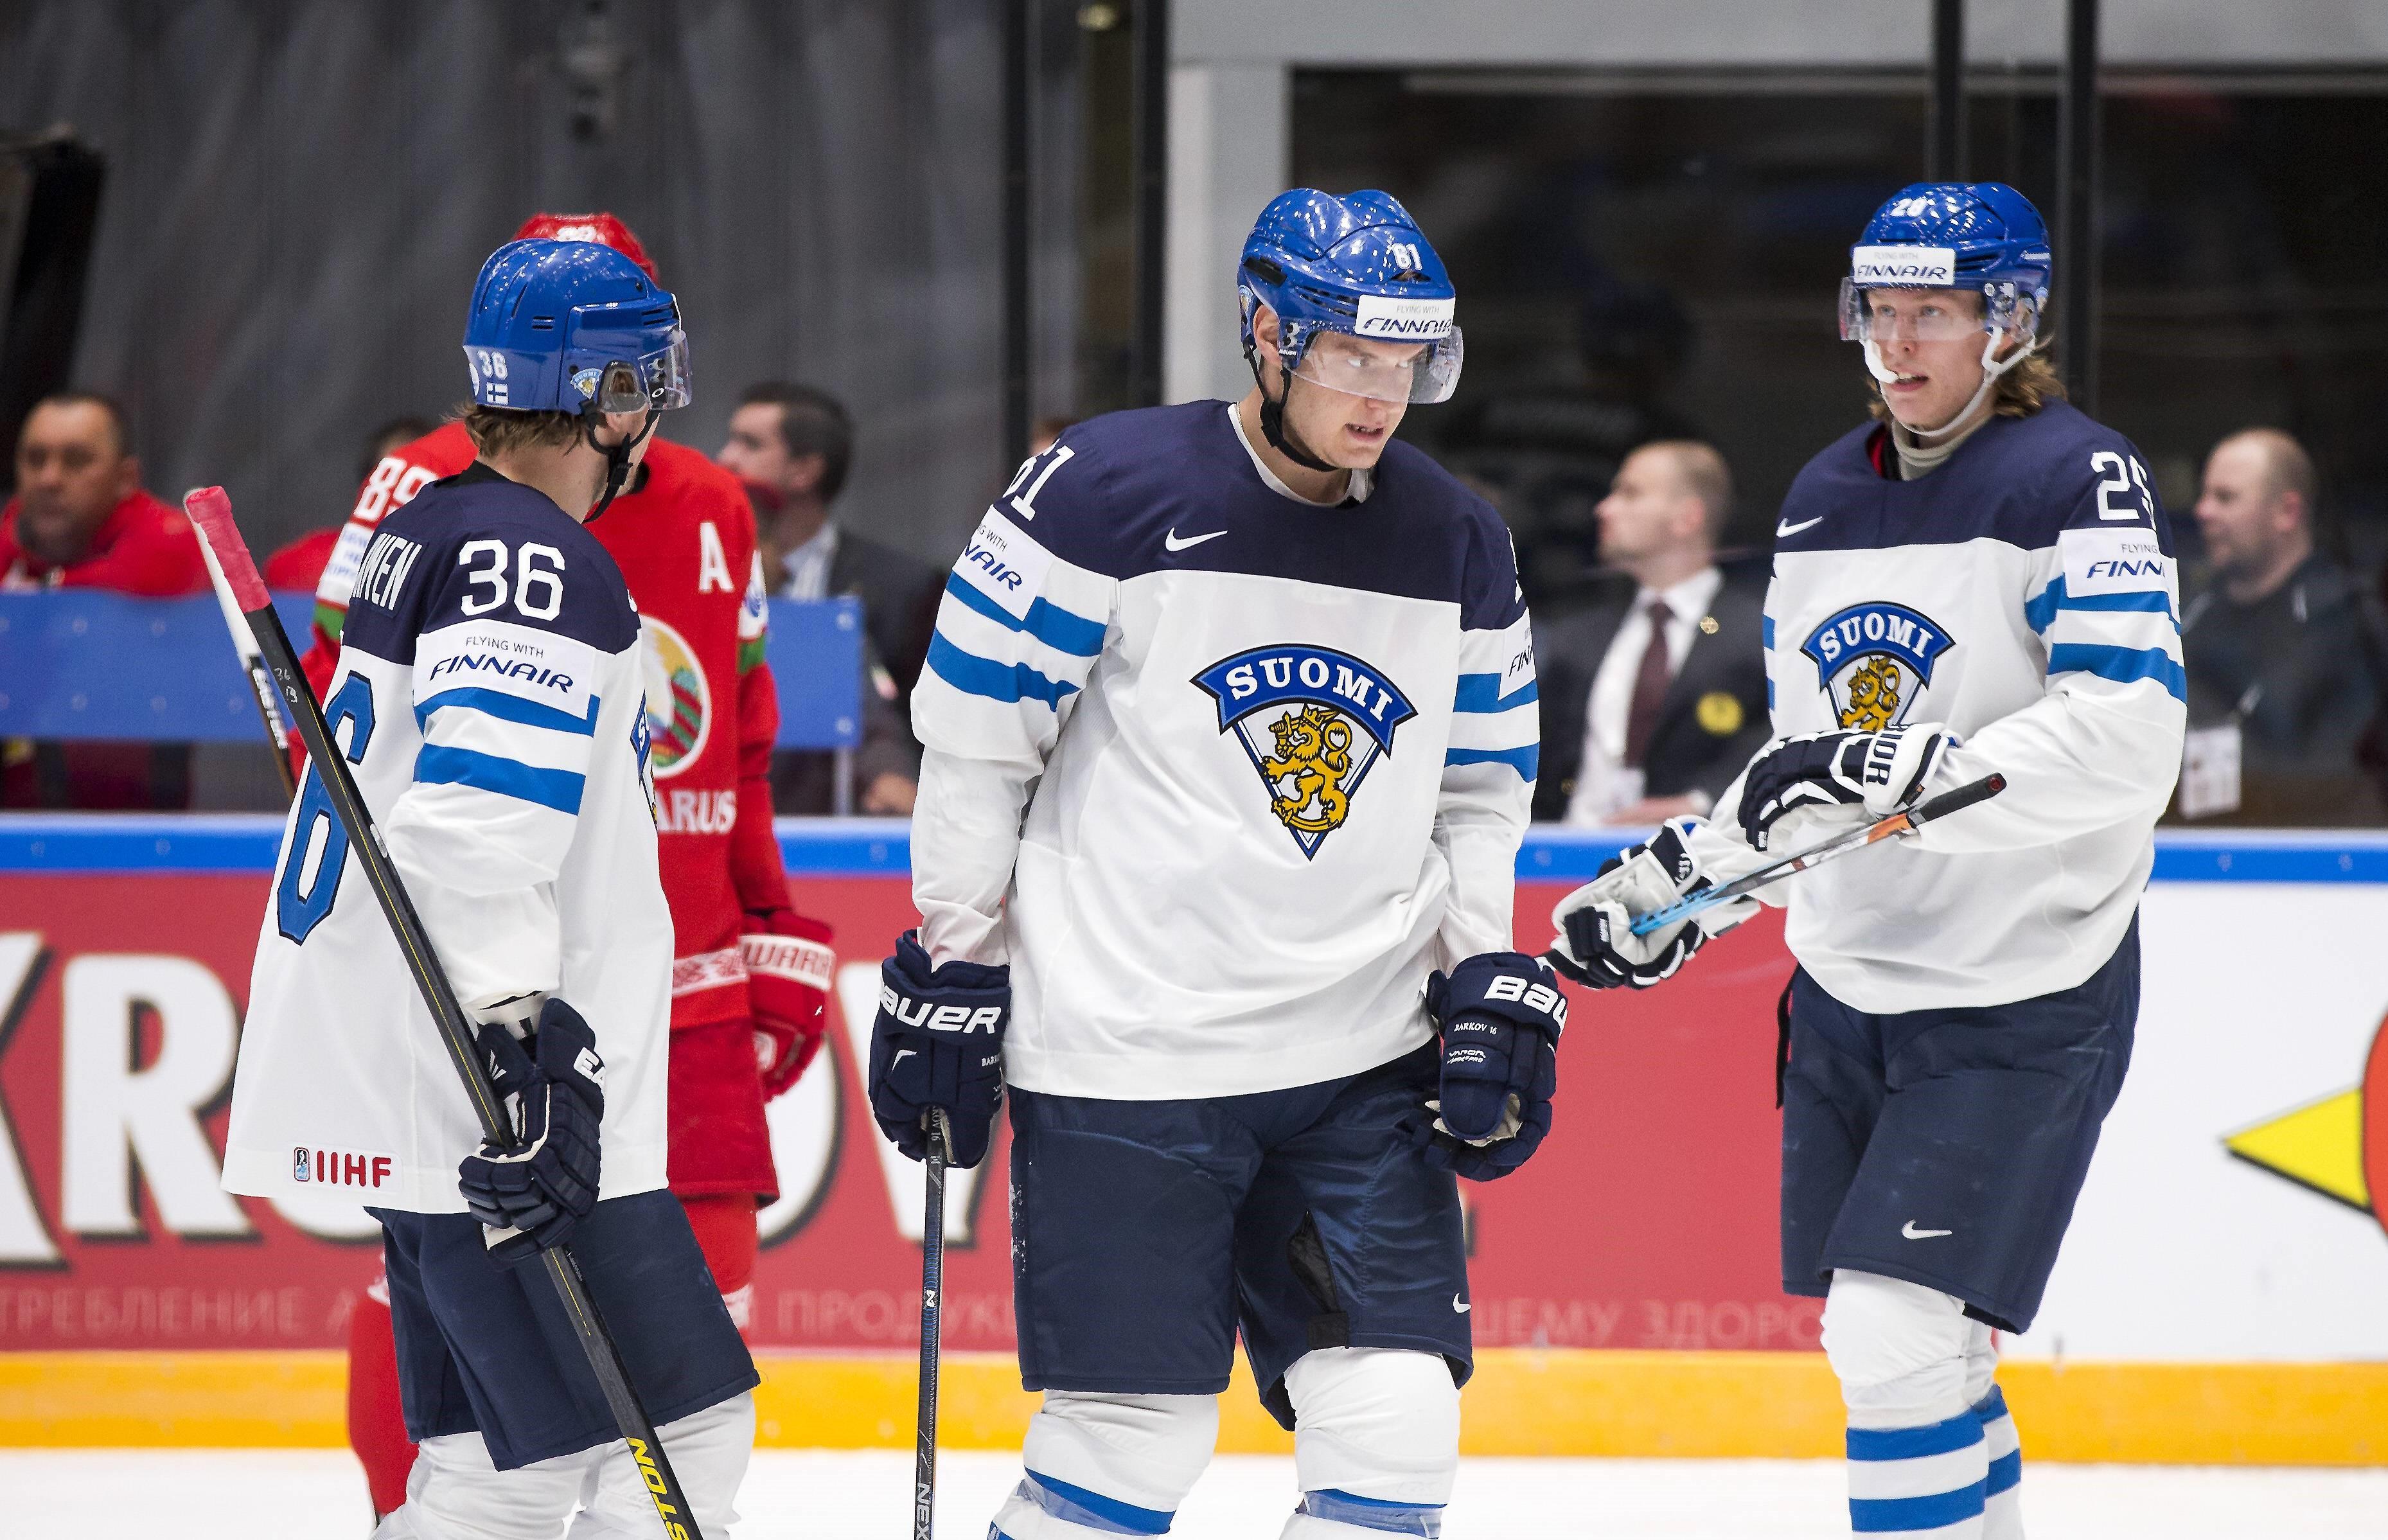 Финляндия: Юсси Йокинен, Александр Барков, Патрик Лайне